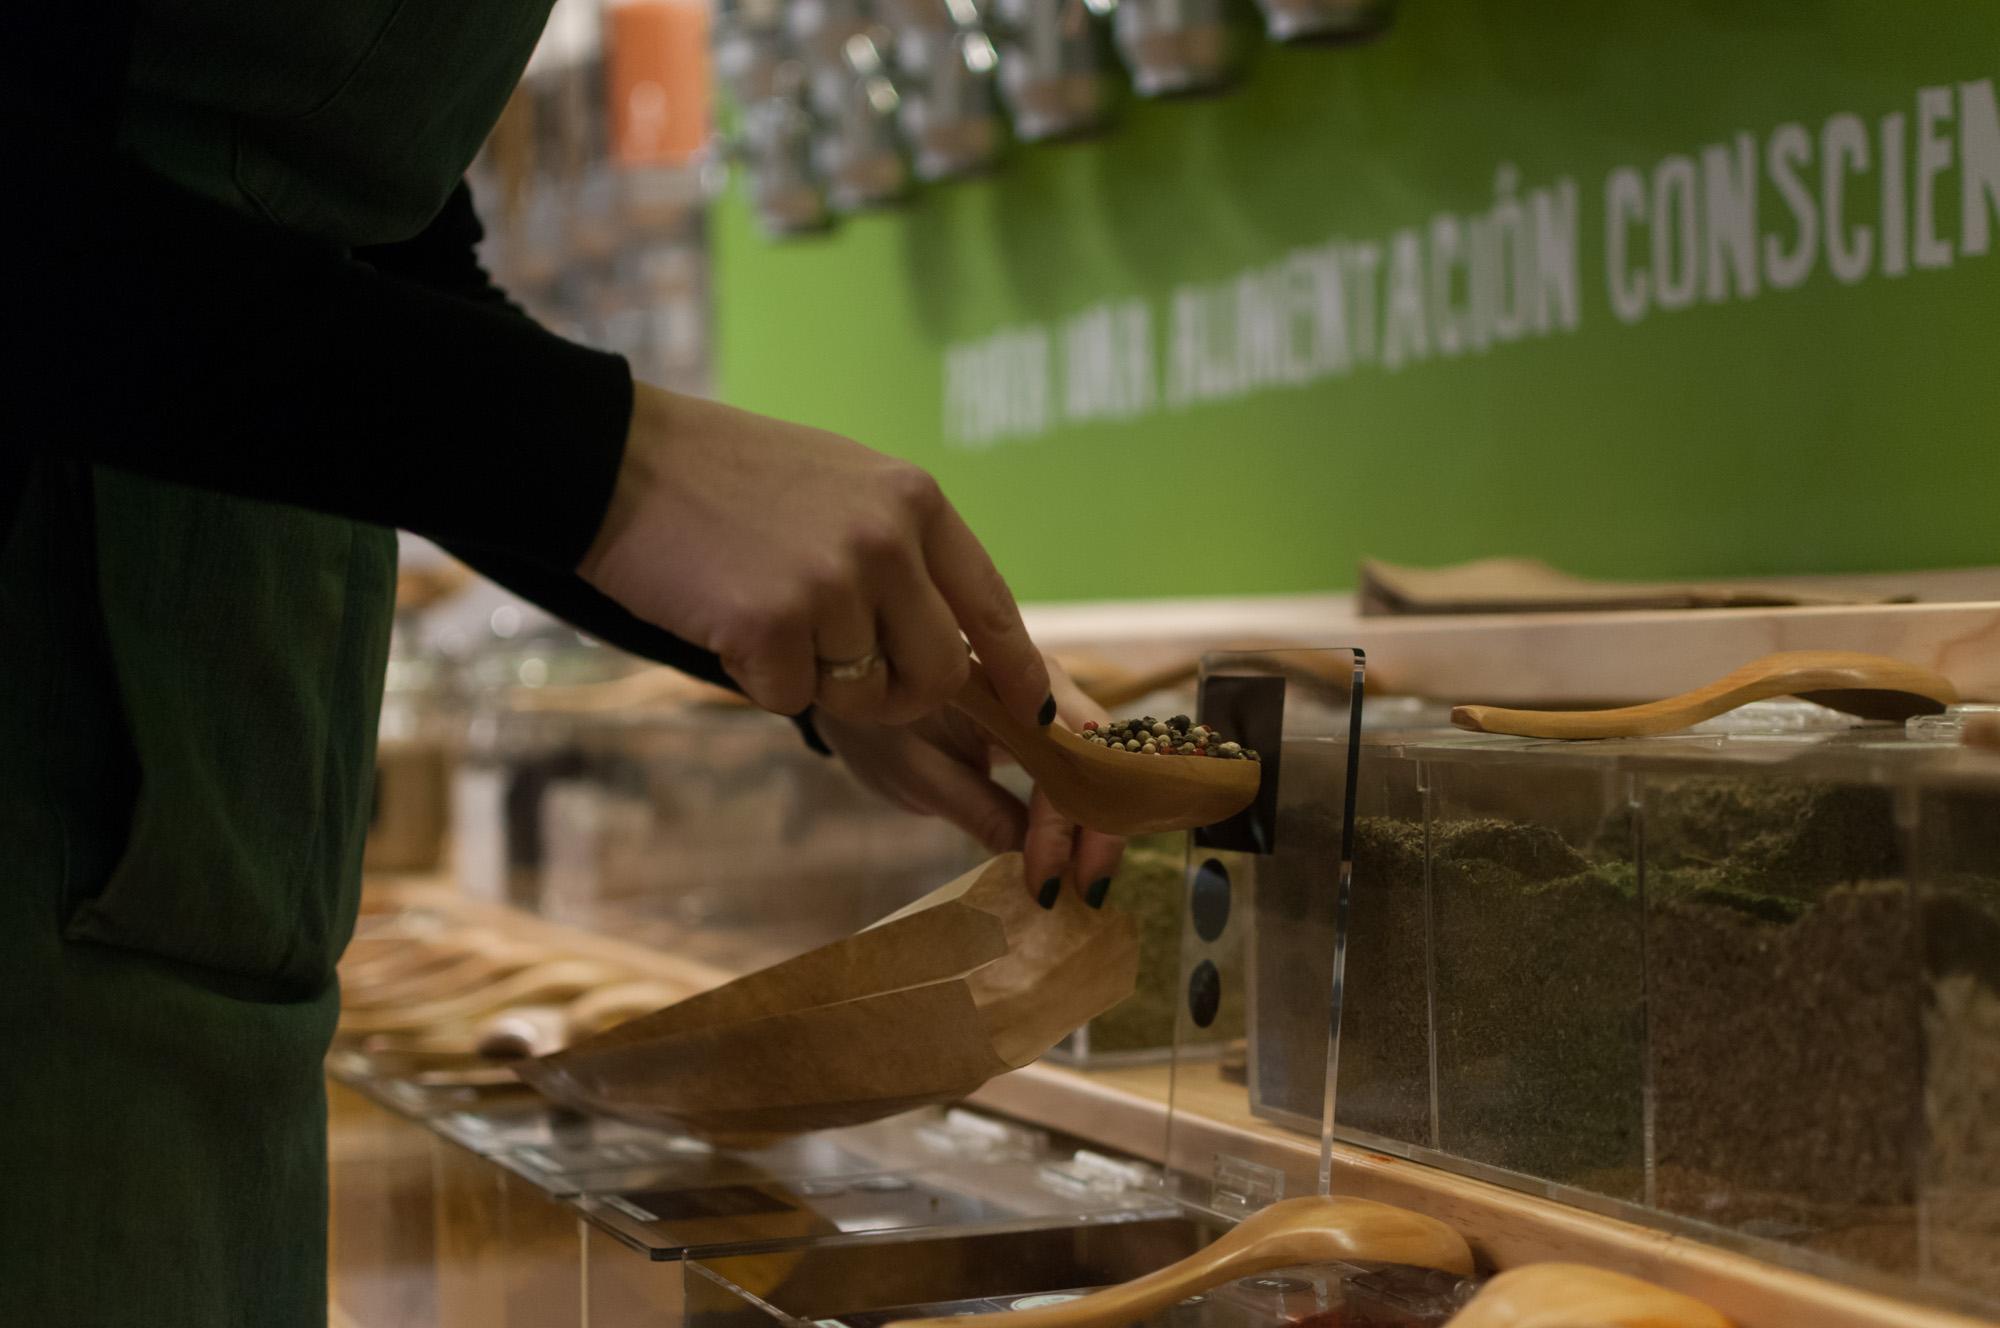 granel-alimentacion-al-peso-sostenible-en-gijon, persistencia o cambio, mar vidal, cocina, sostenible, ecológico, gijon, asturias, españa, tiendas, especias, legumbres, al peso